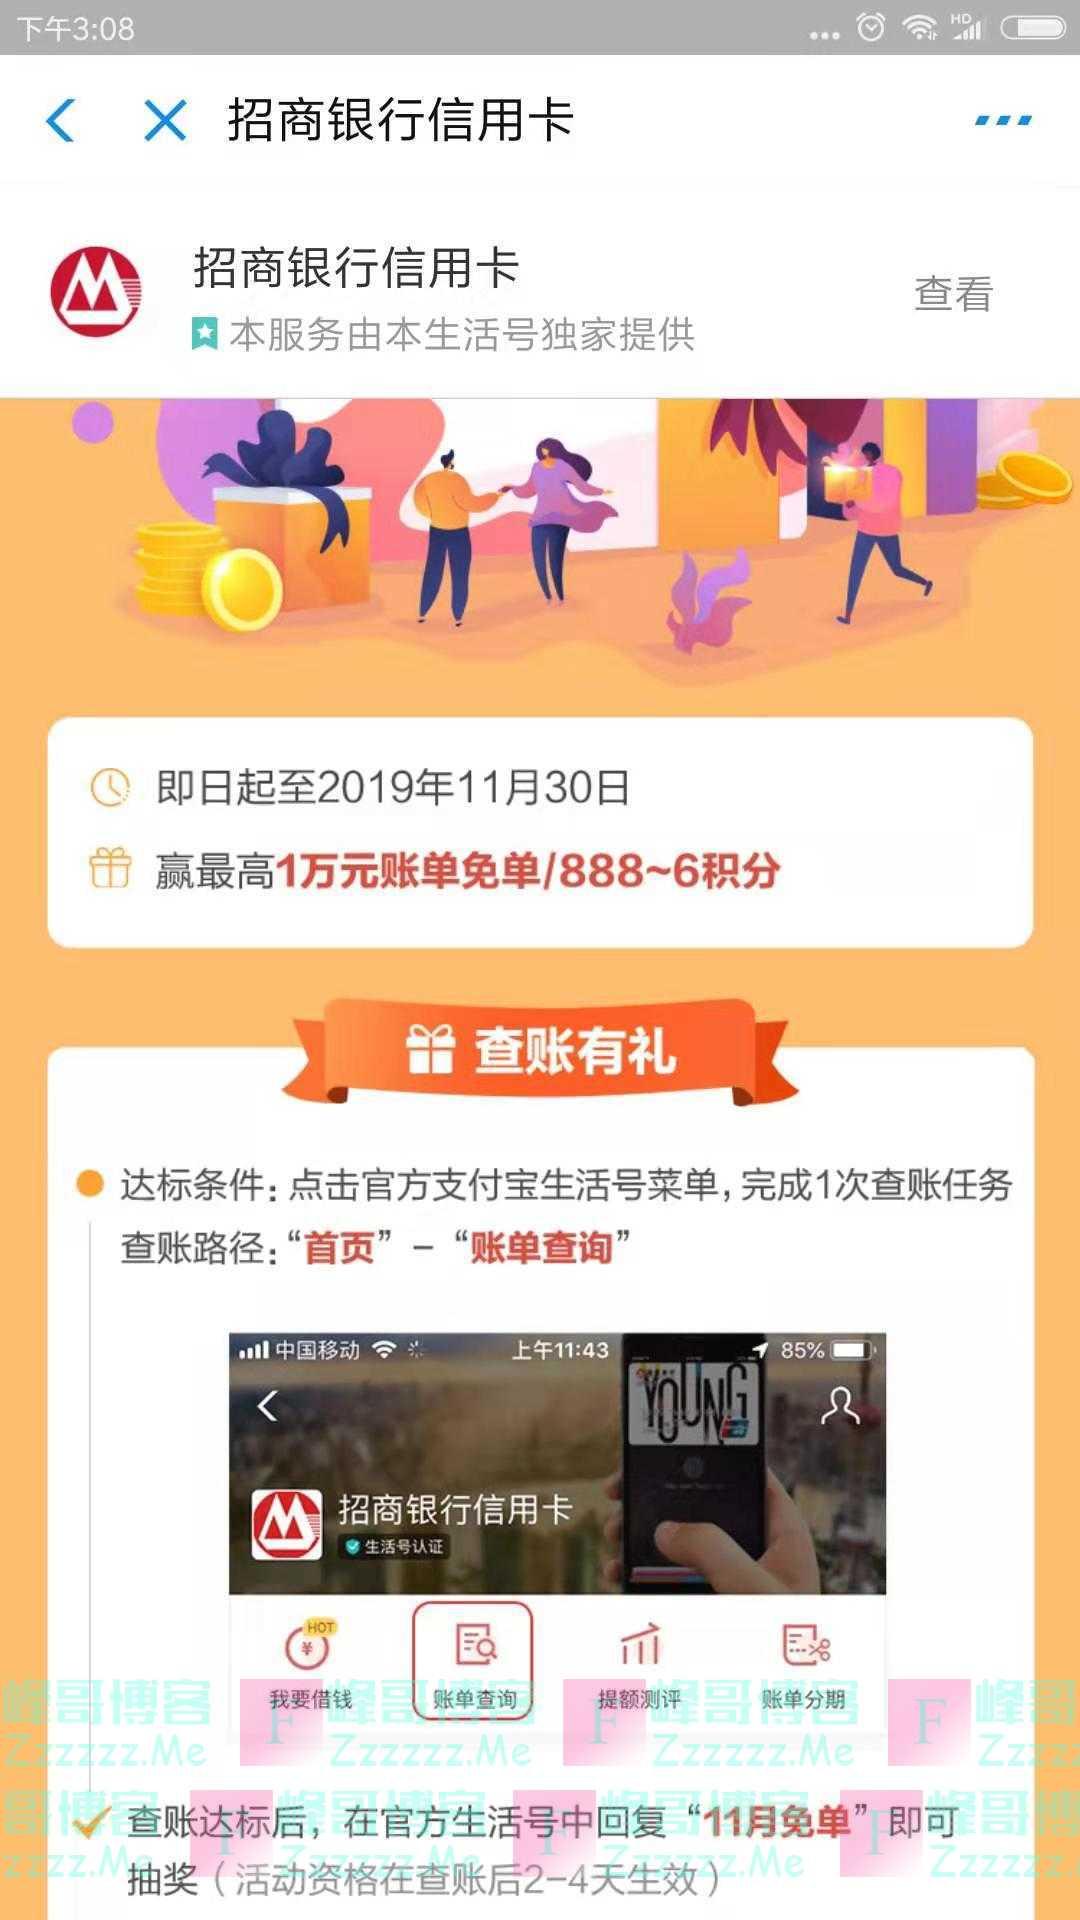 招行xing/用卡11月查账有礼(截止11月30日)